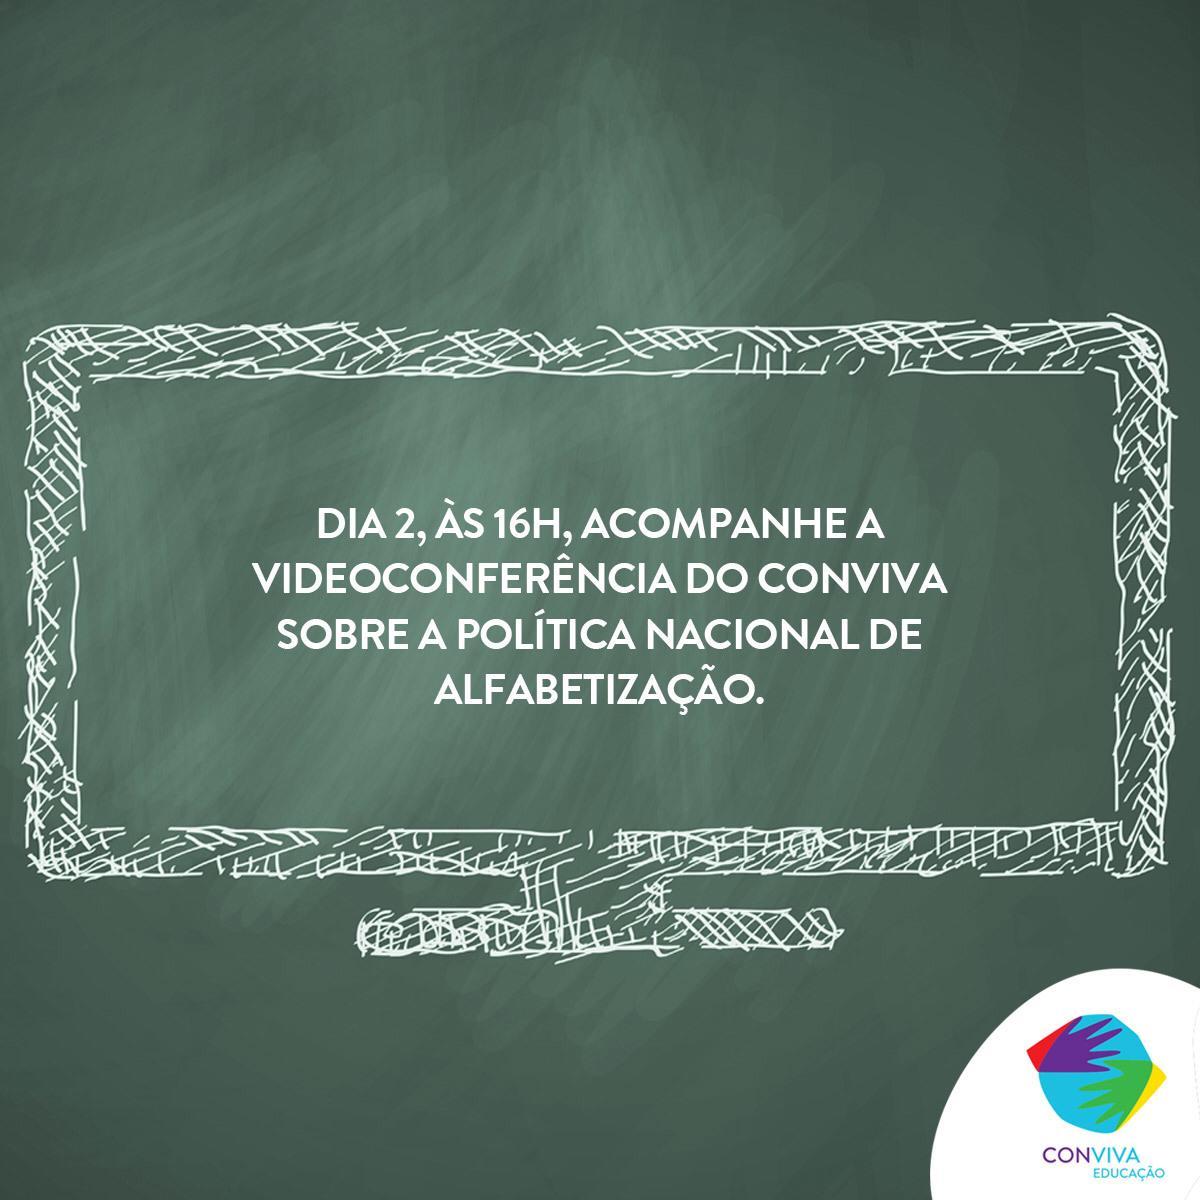 Conviva Educação realiza videoconferência sobre a Política Nacional de Alfabetização